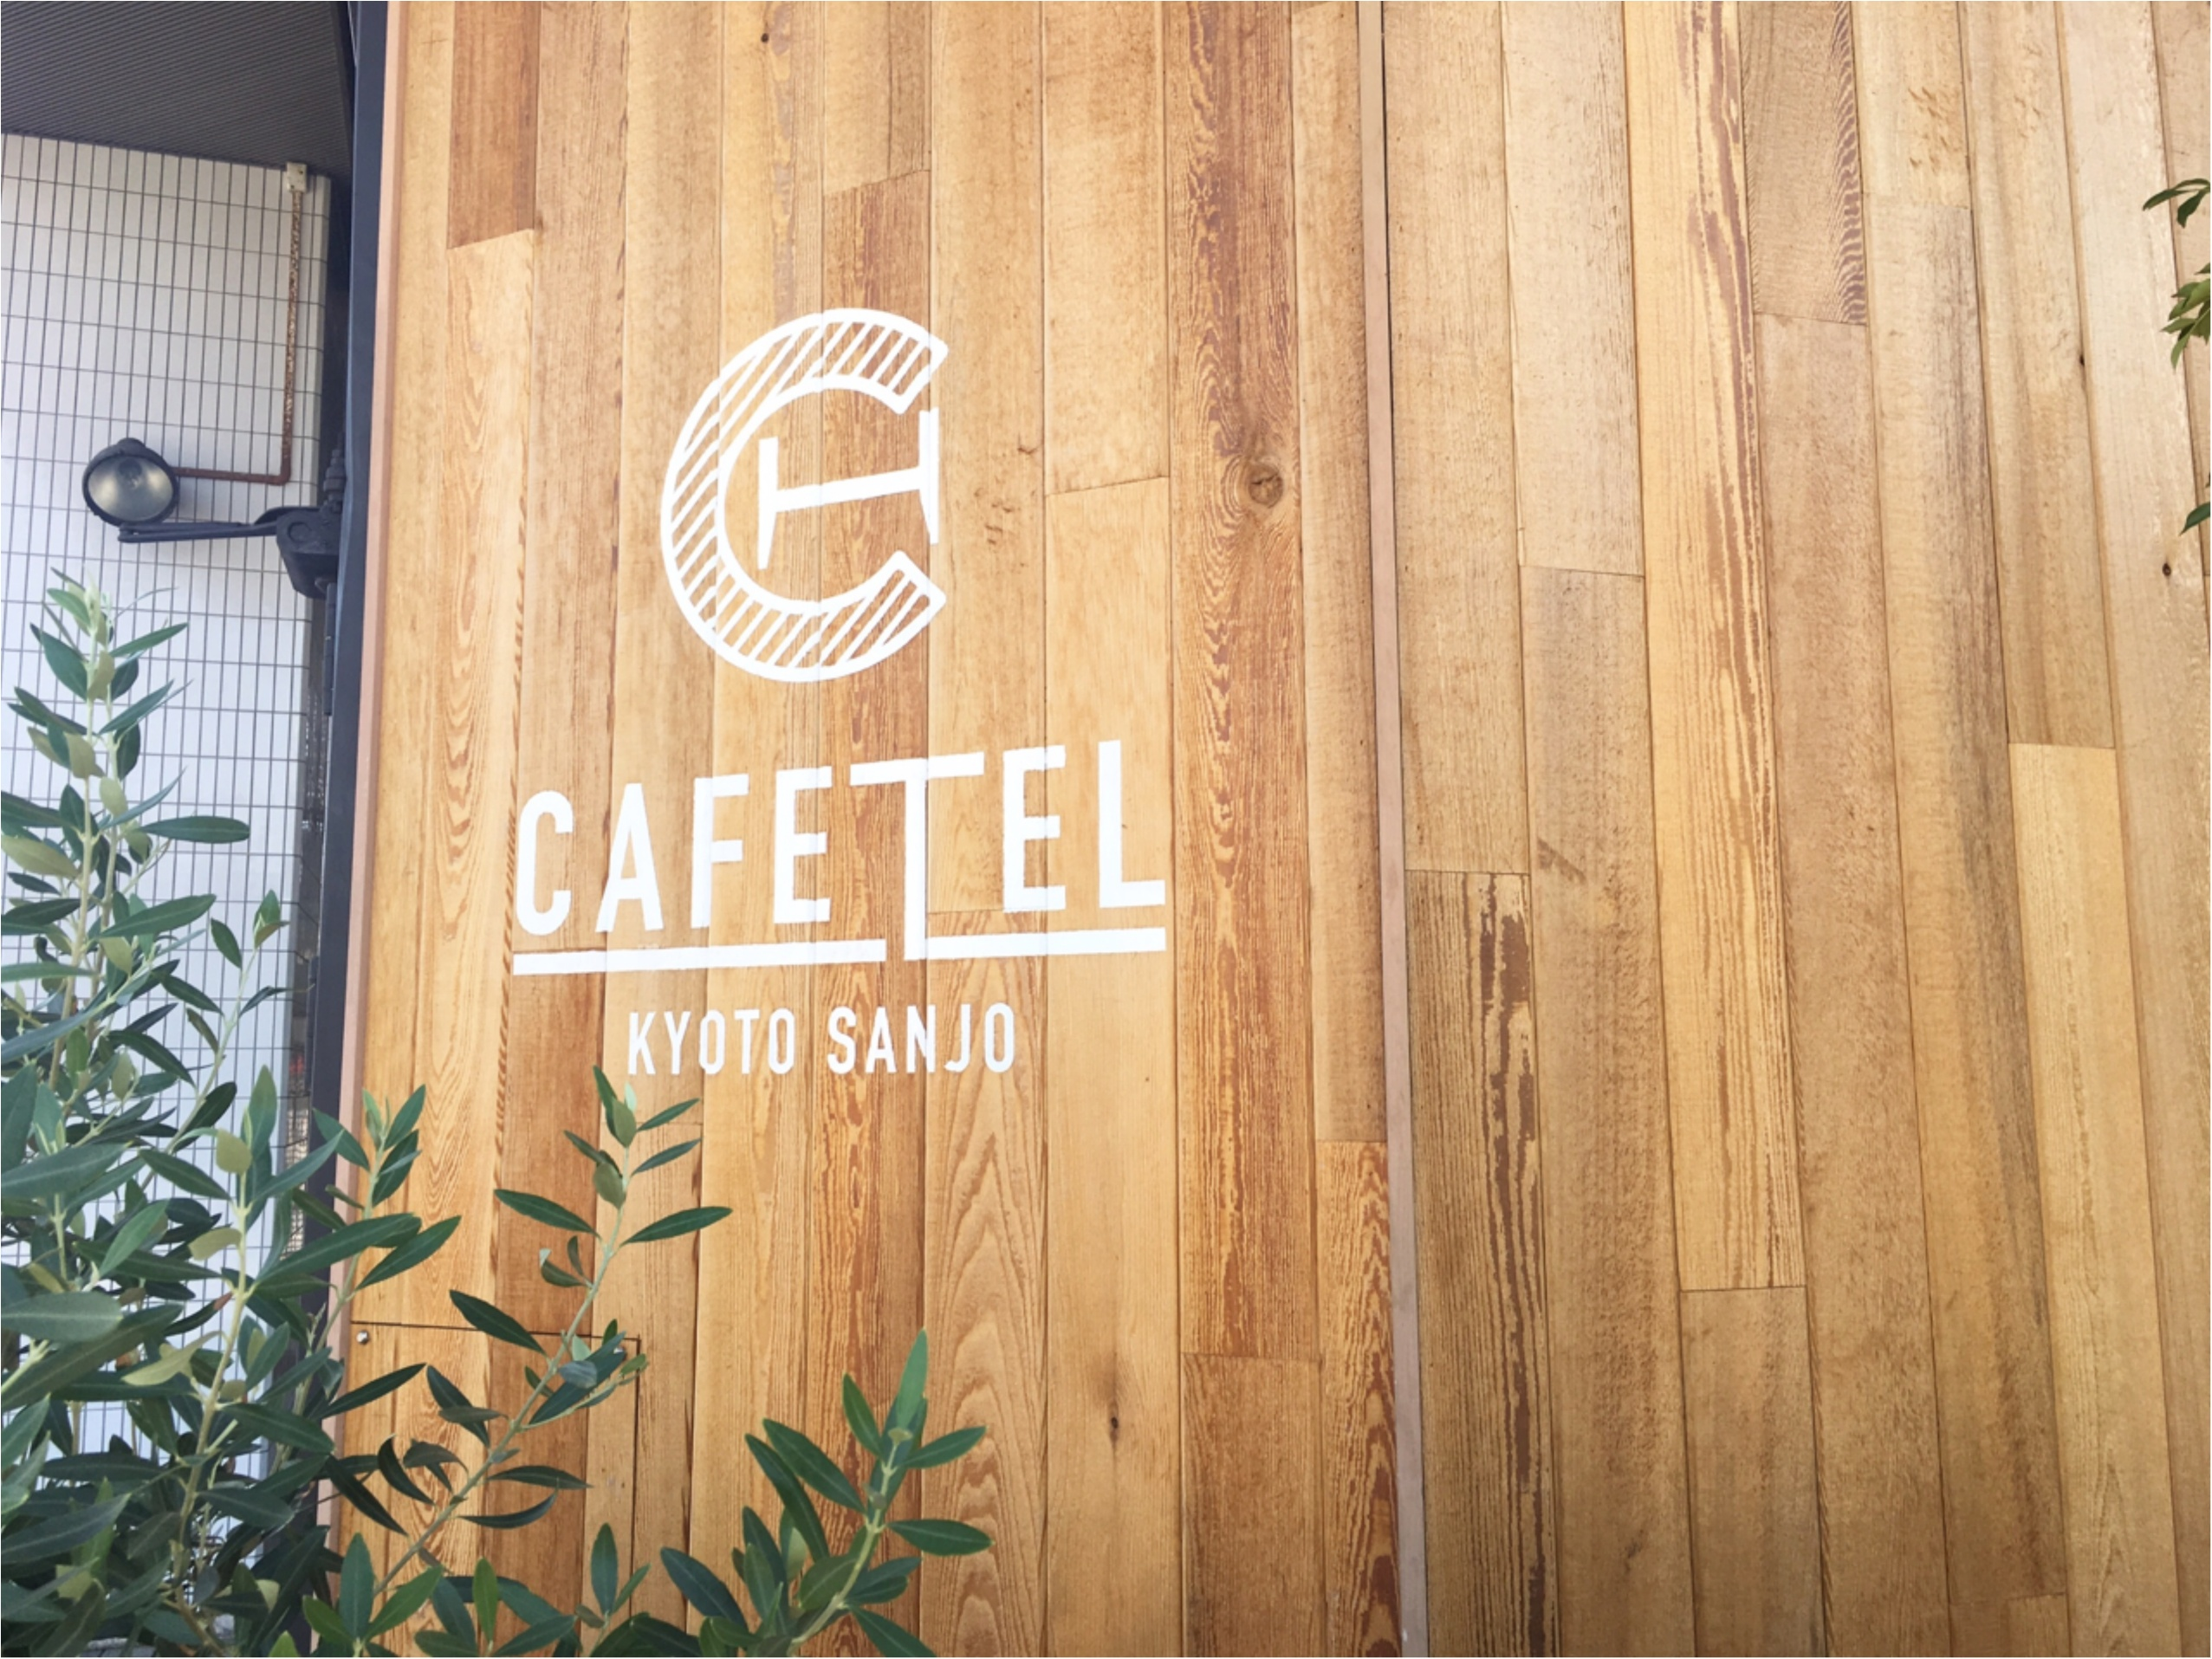 《京都・三条》女子3人旅にぴったり!カフェみたいなホステル『CAFETEL(カフェテル)』がオープン❤︎_1